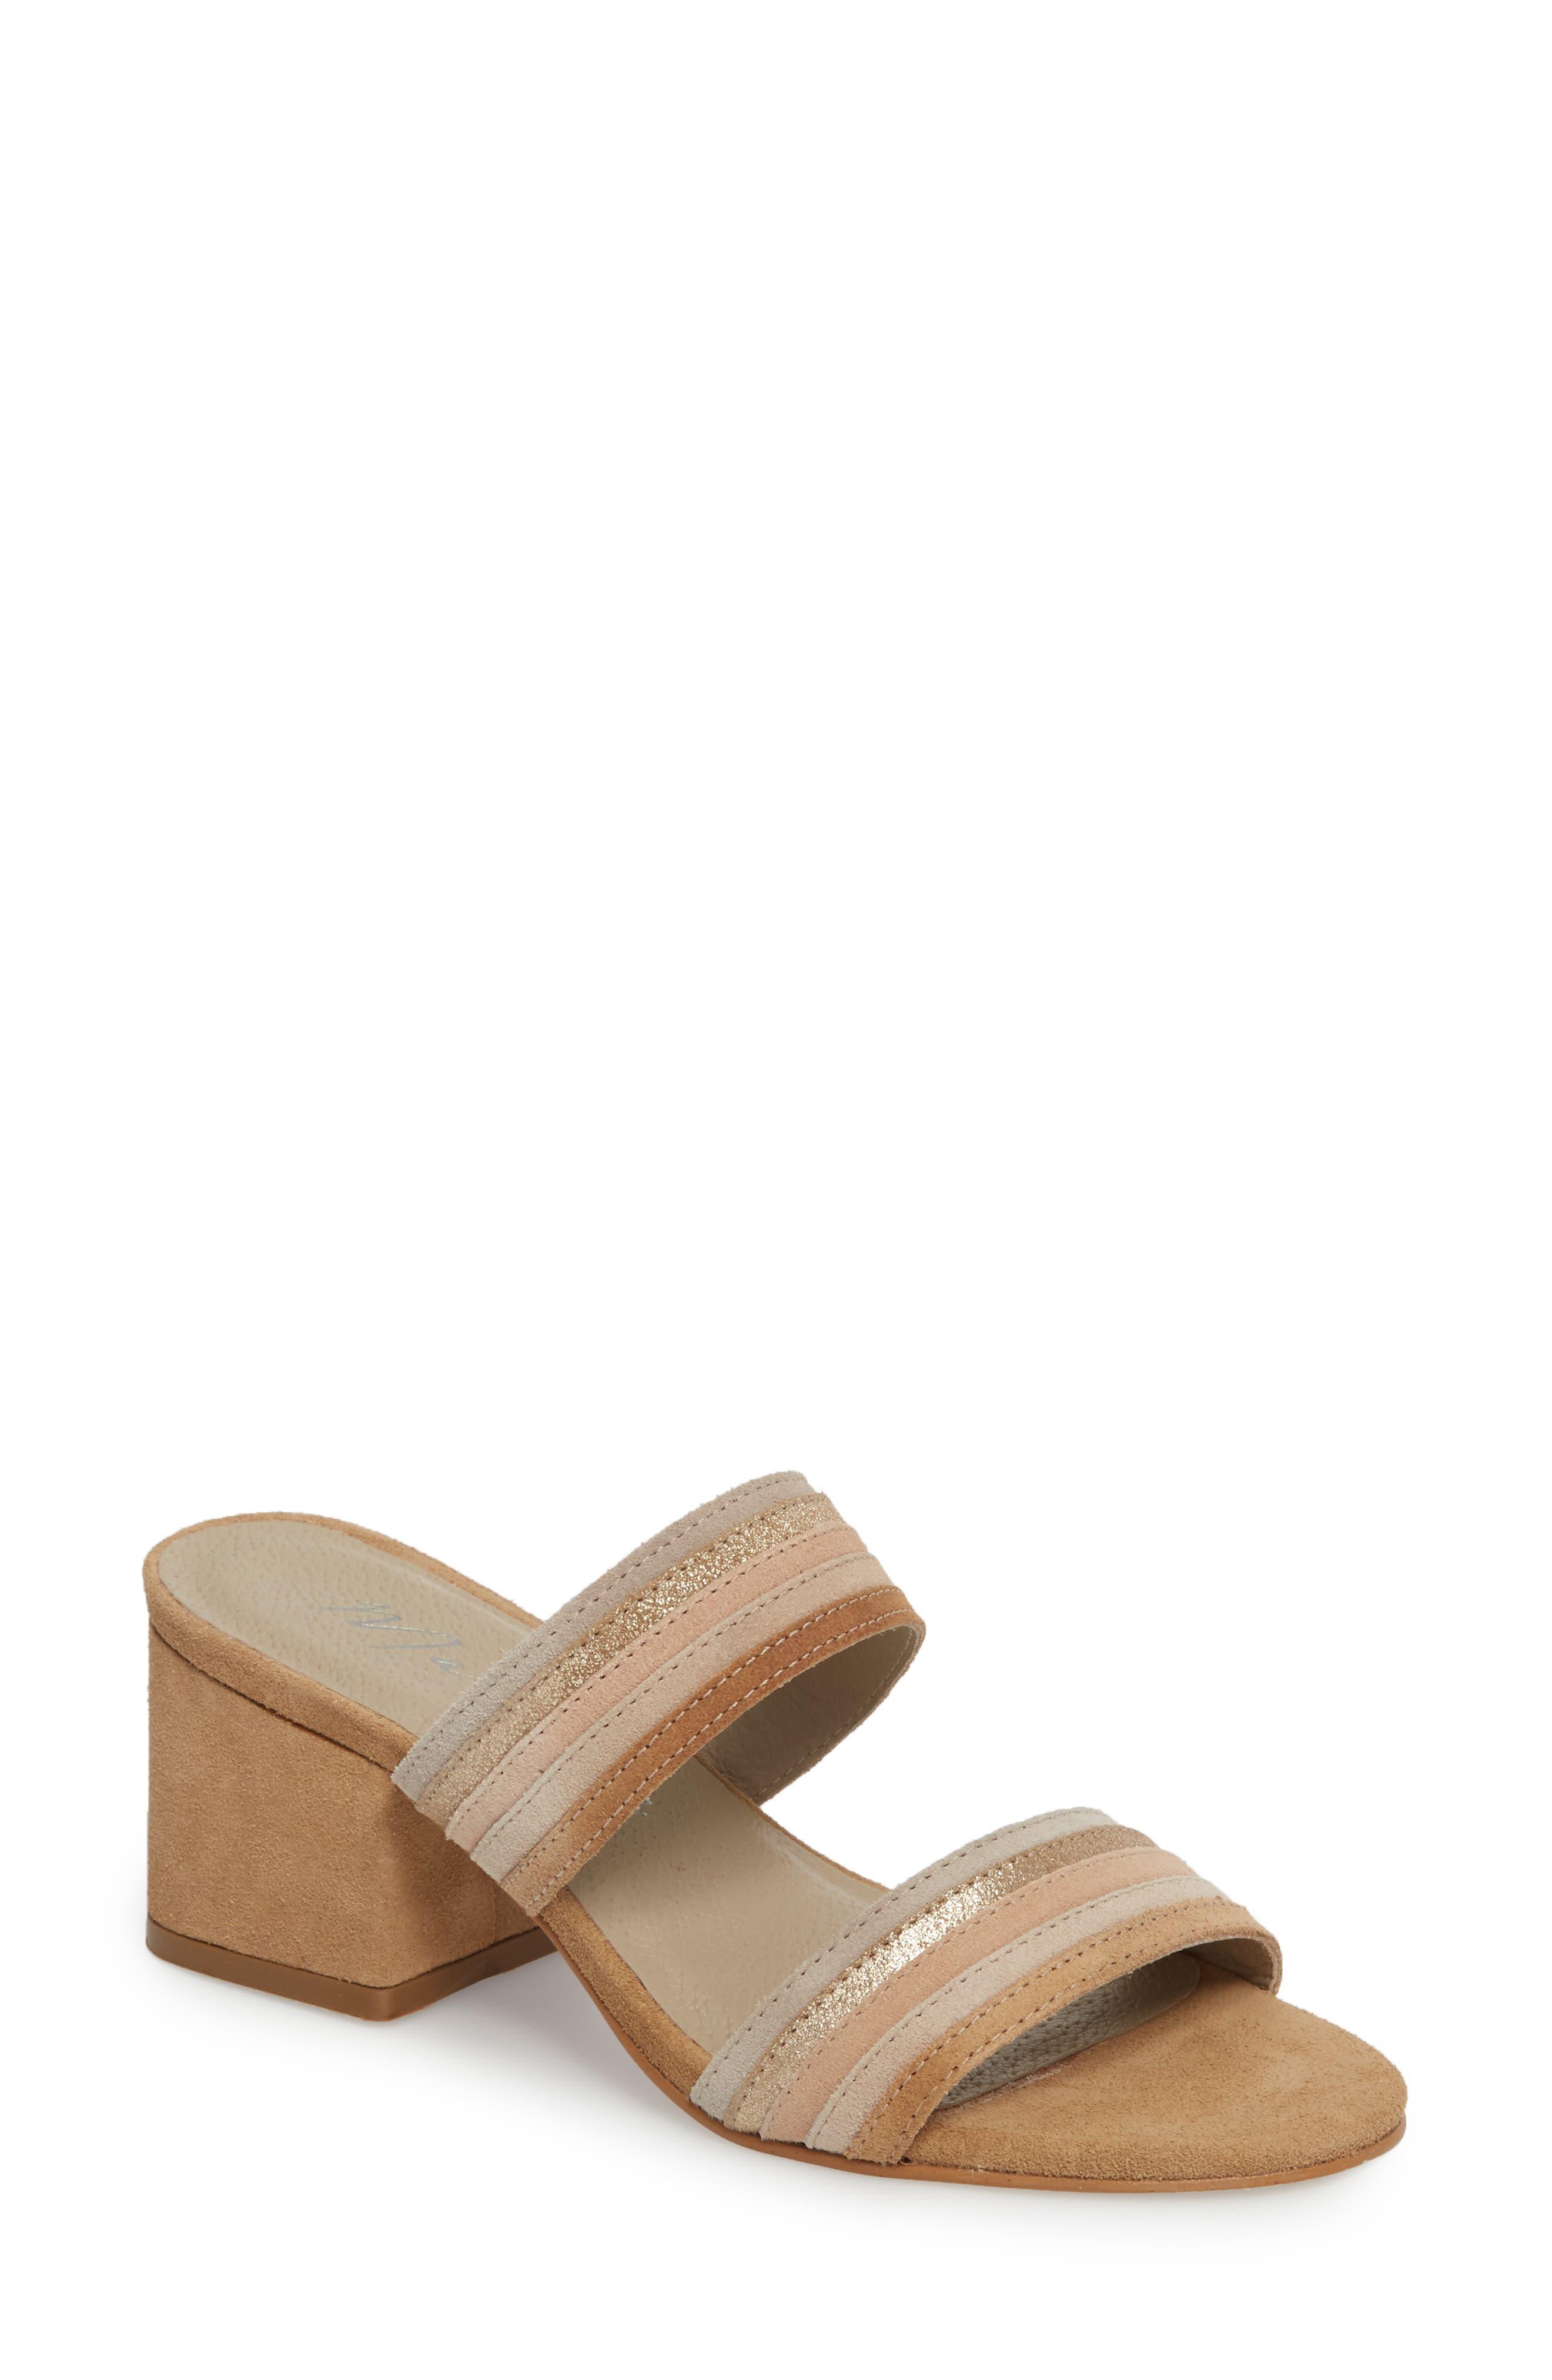 Bonita Slide Sandal,                         Main,                         color, Natural Suede